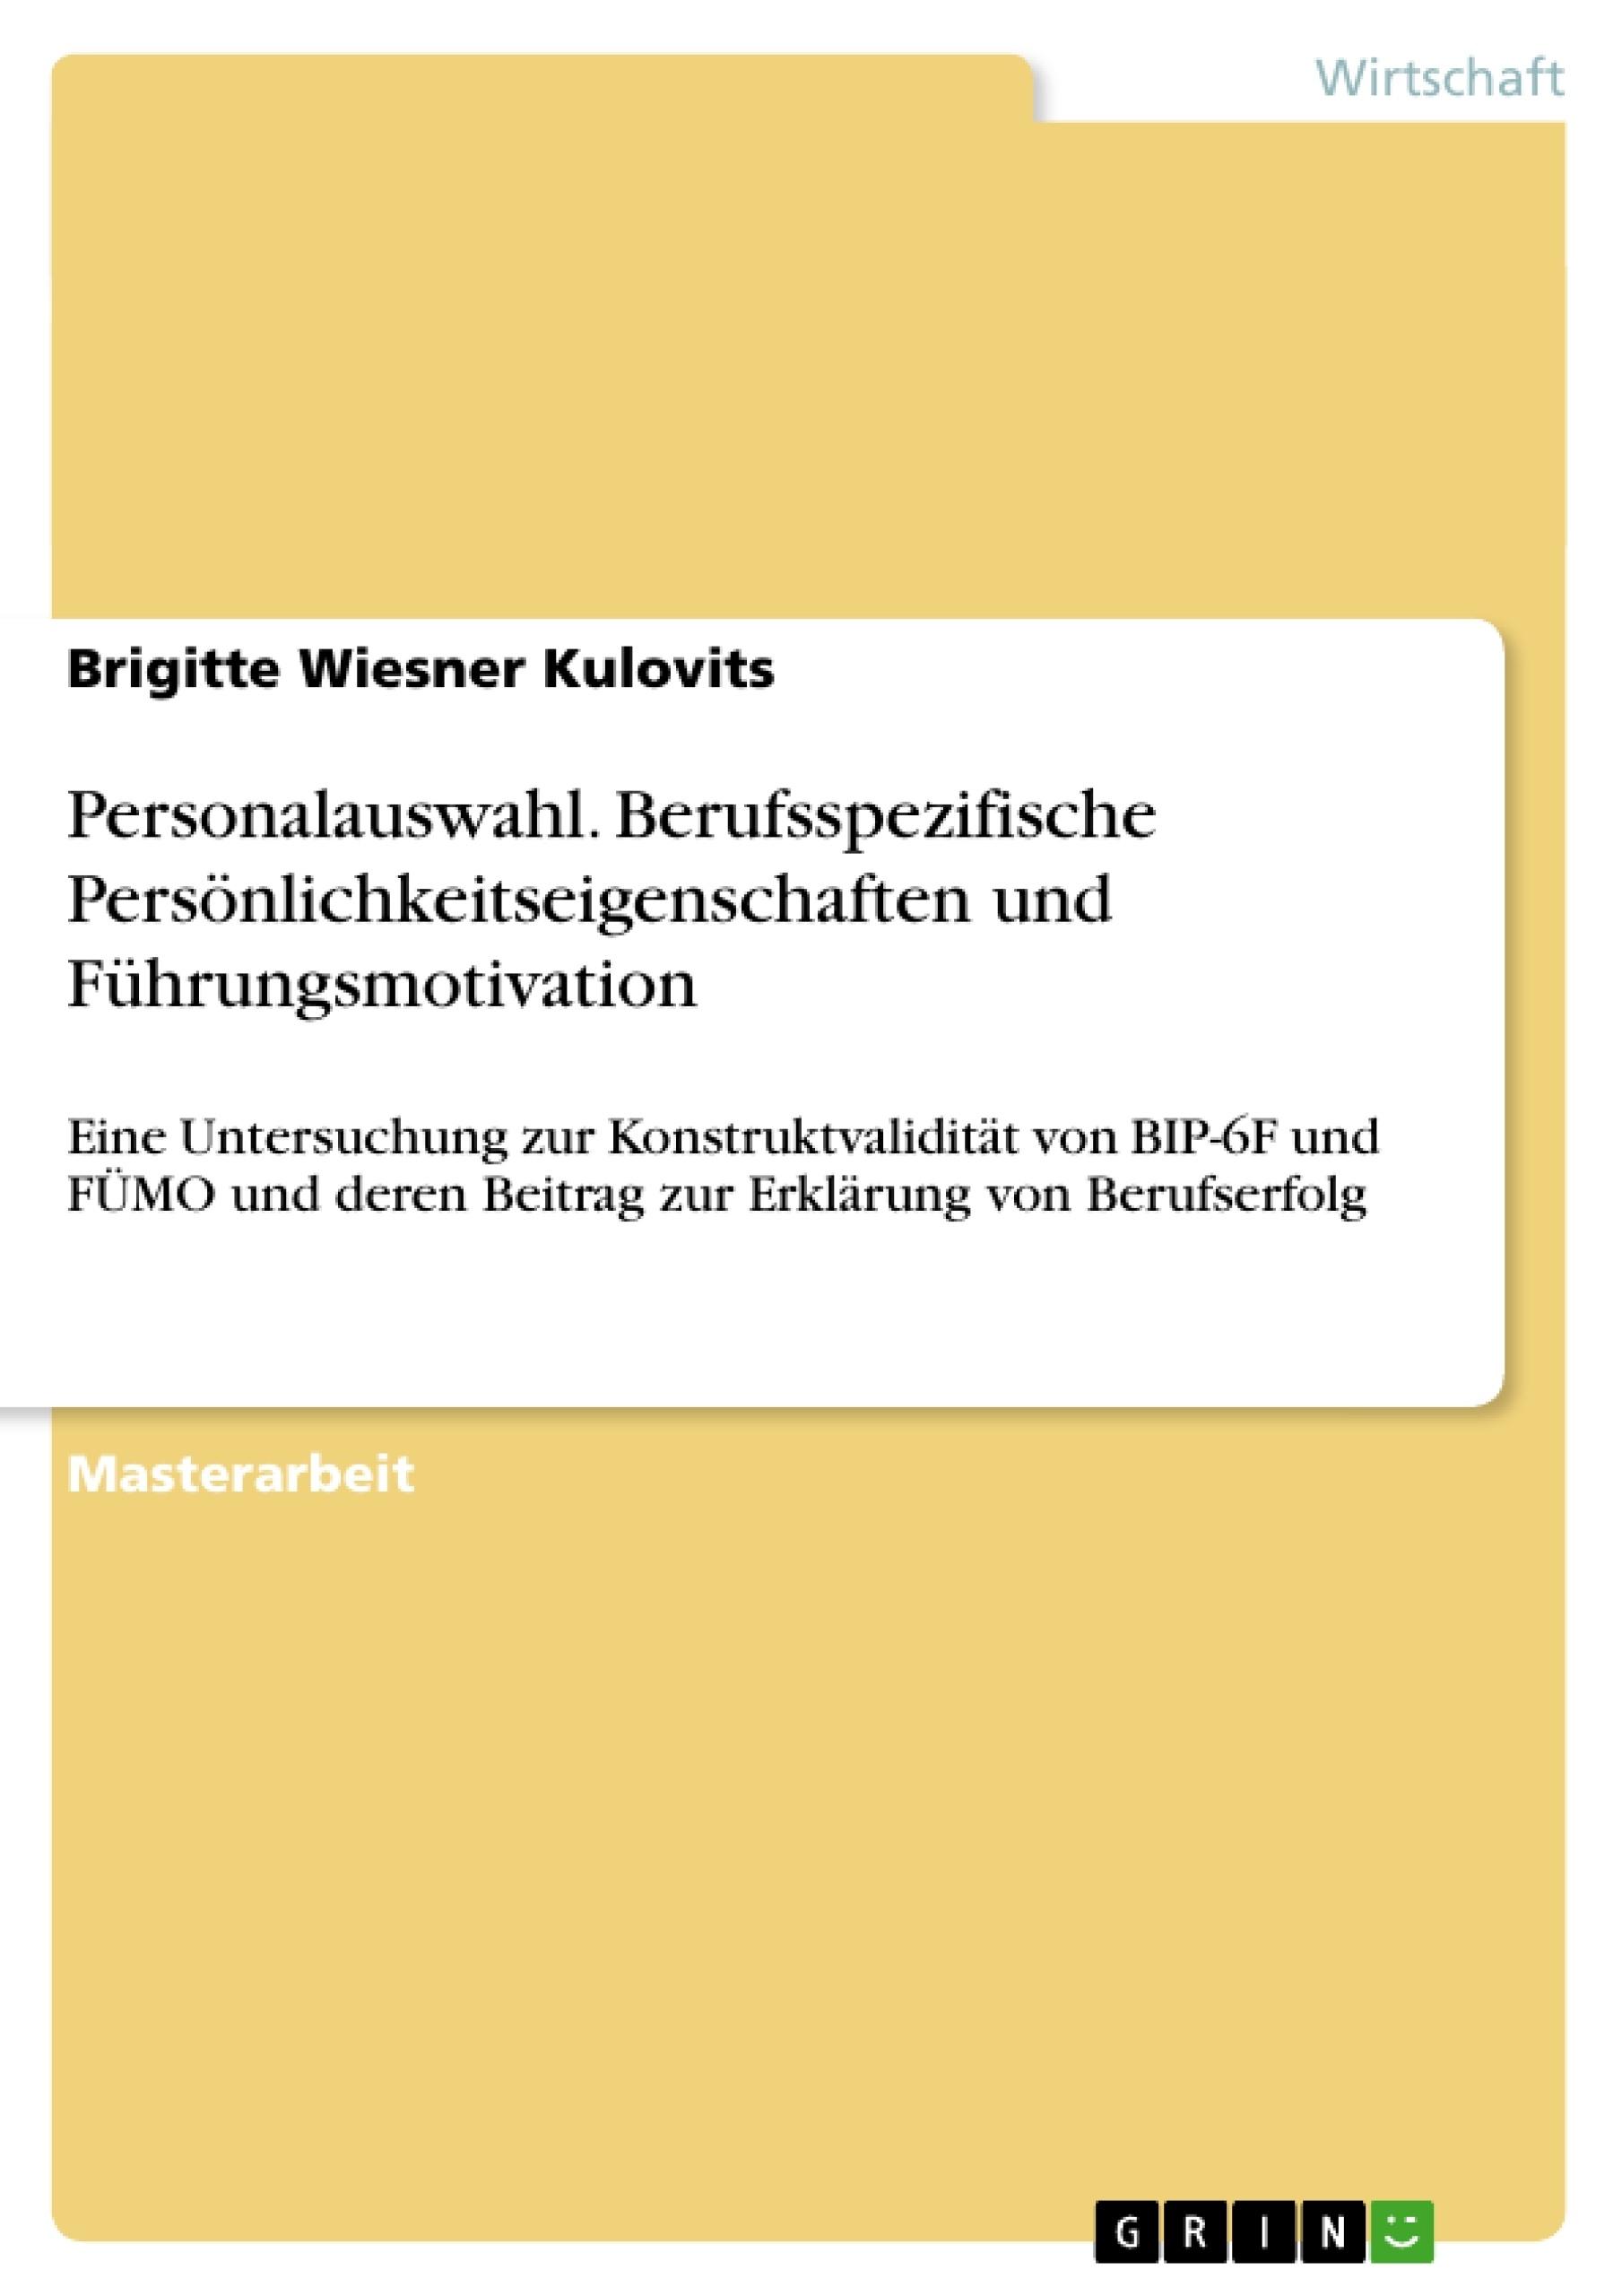 Titel: Personalauswahl. Berufsspezifische Persönlichkeitseigenschaften und Führungsmotivation